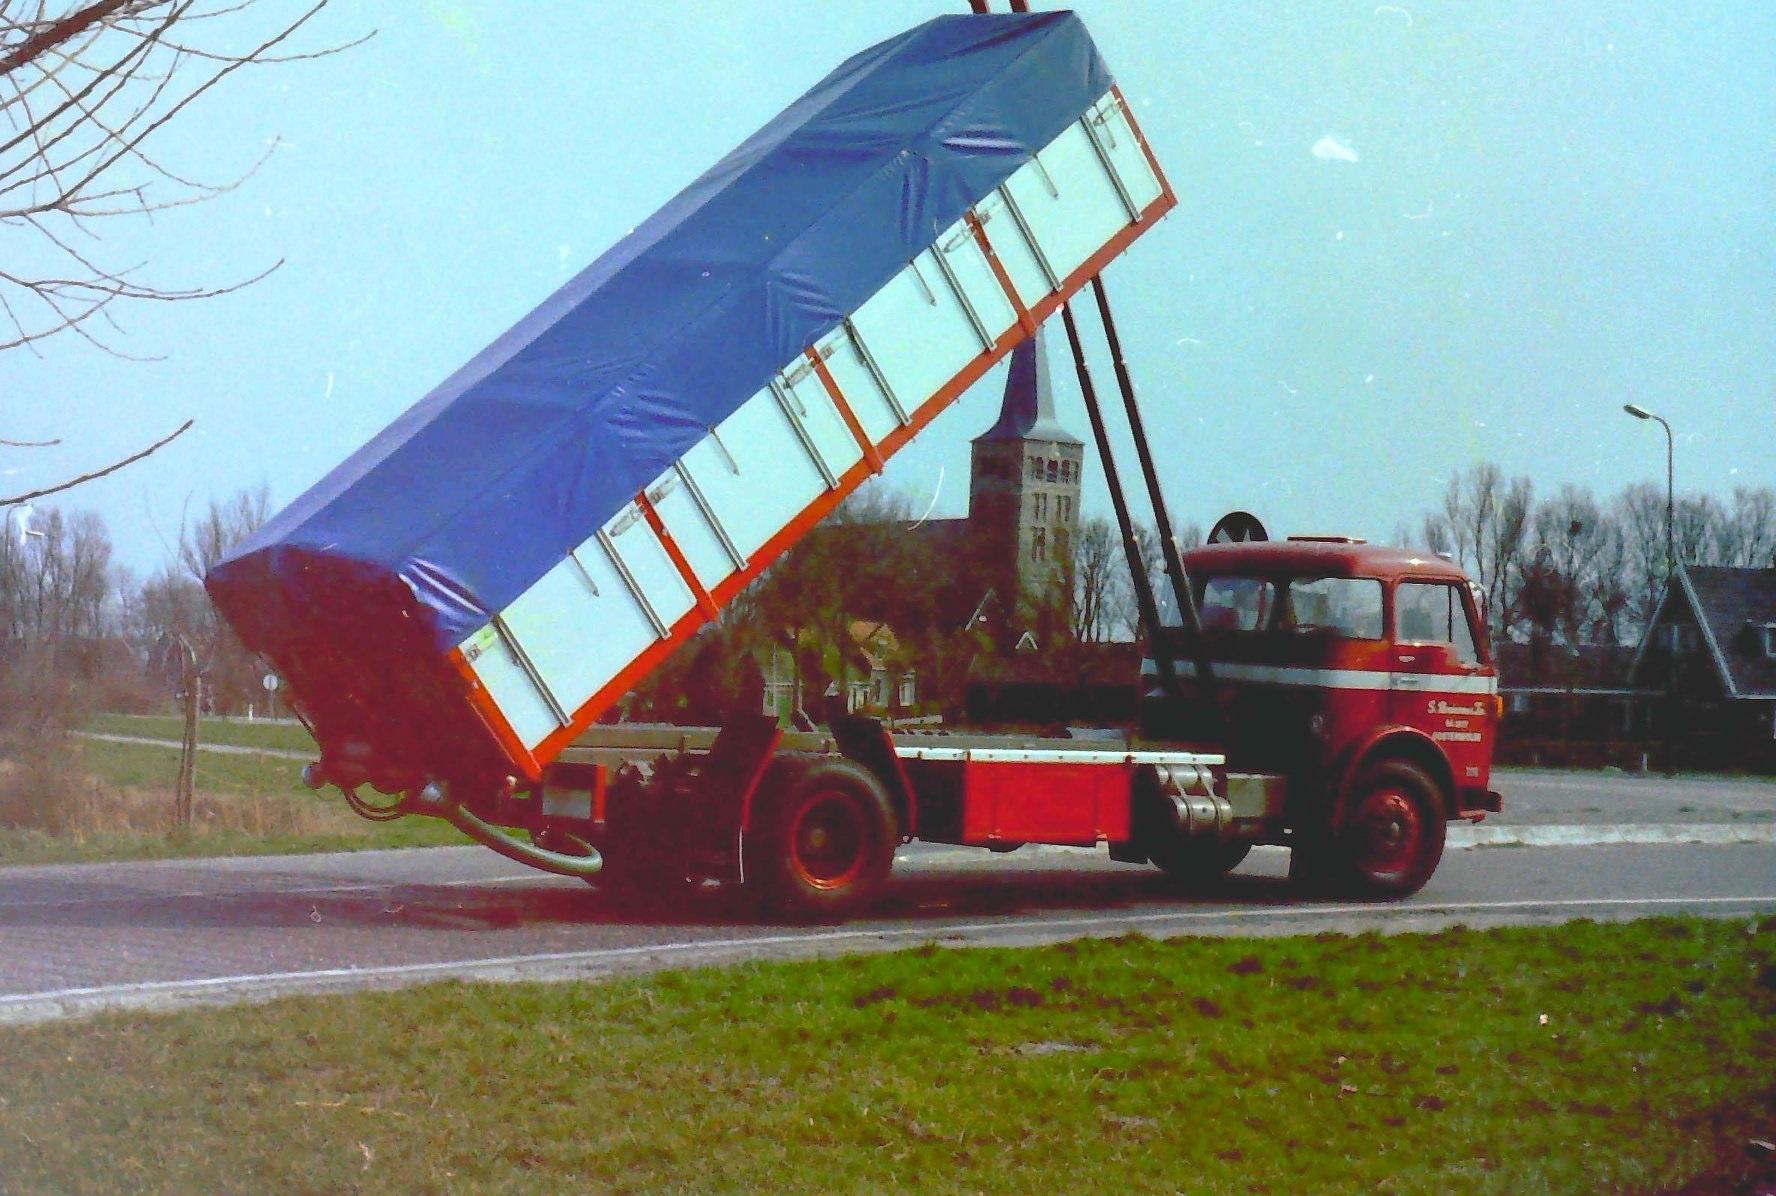 Volvo-bulkauto-is-van-S-Bruinsma-en-Zn-uit-Oosterwolde-en-is-gebouwd-door-Rondaan-toen-nog-in-Beetgum-4